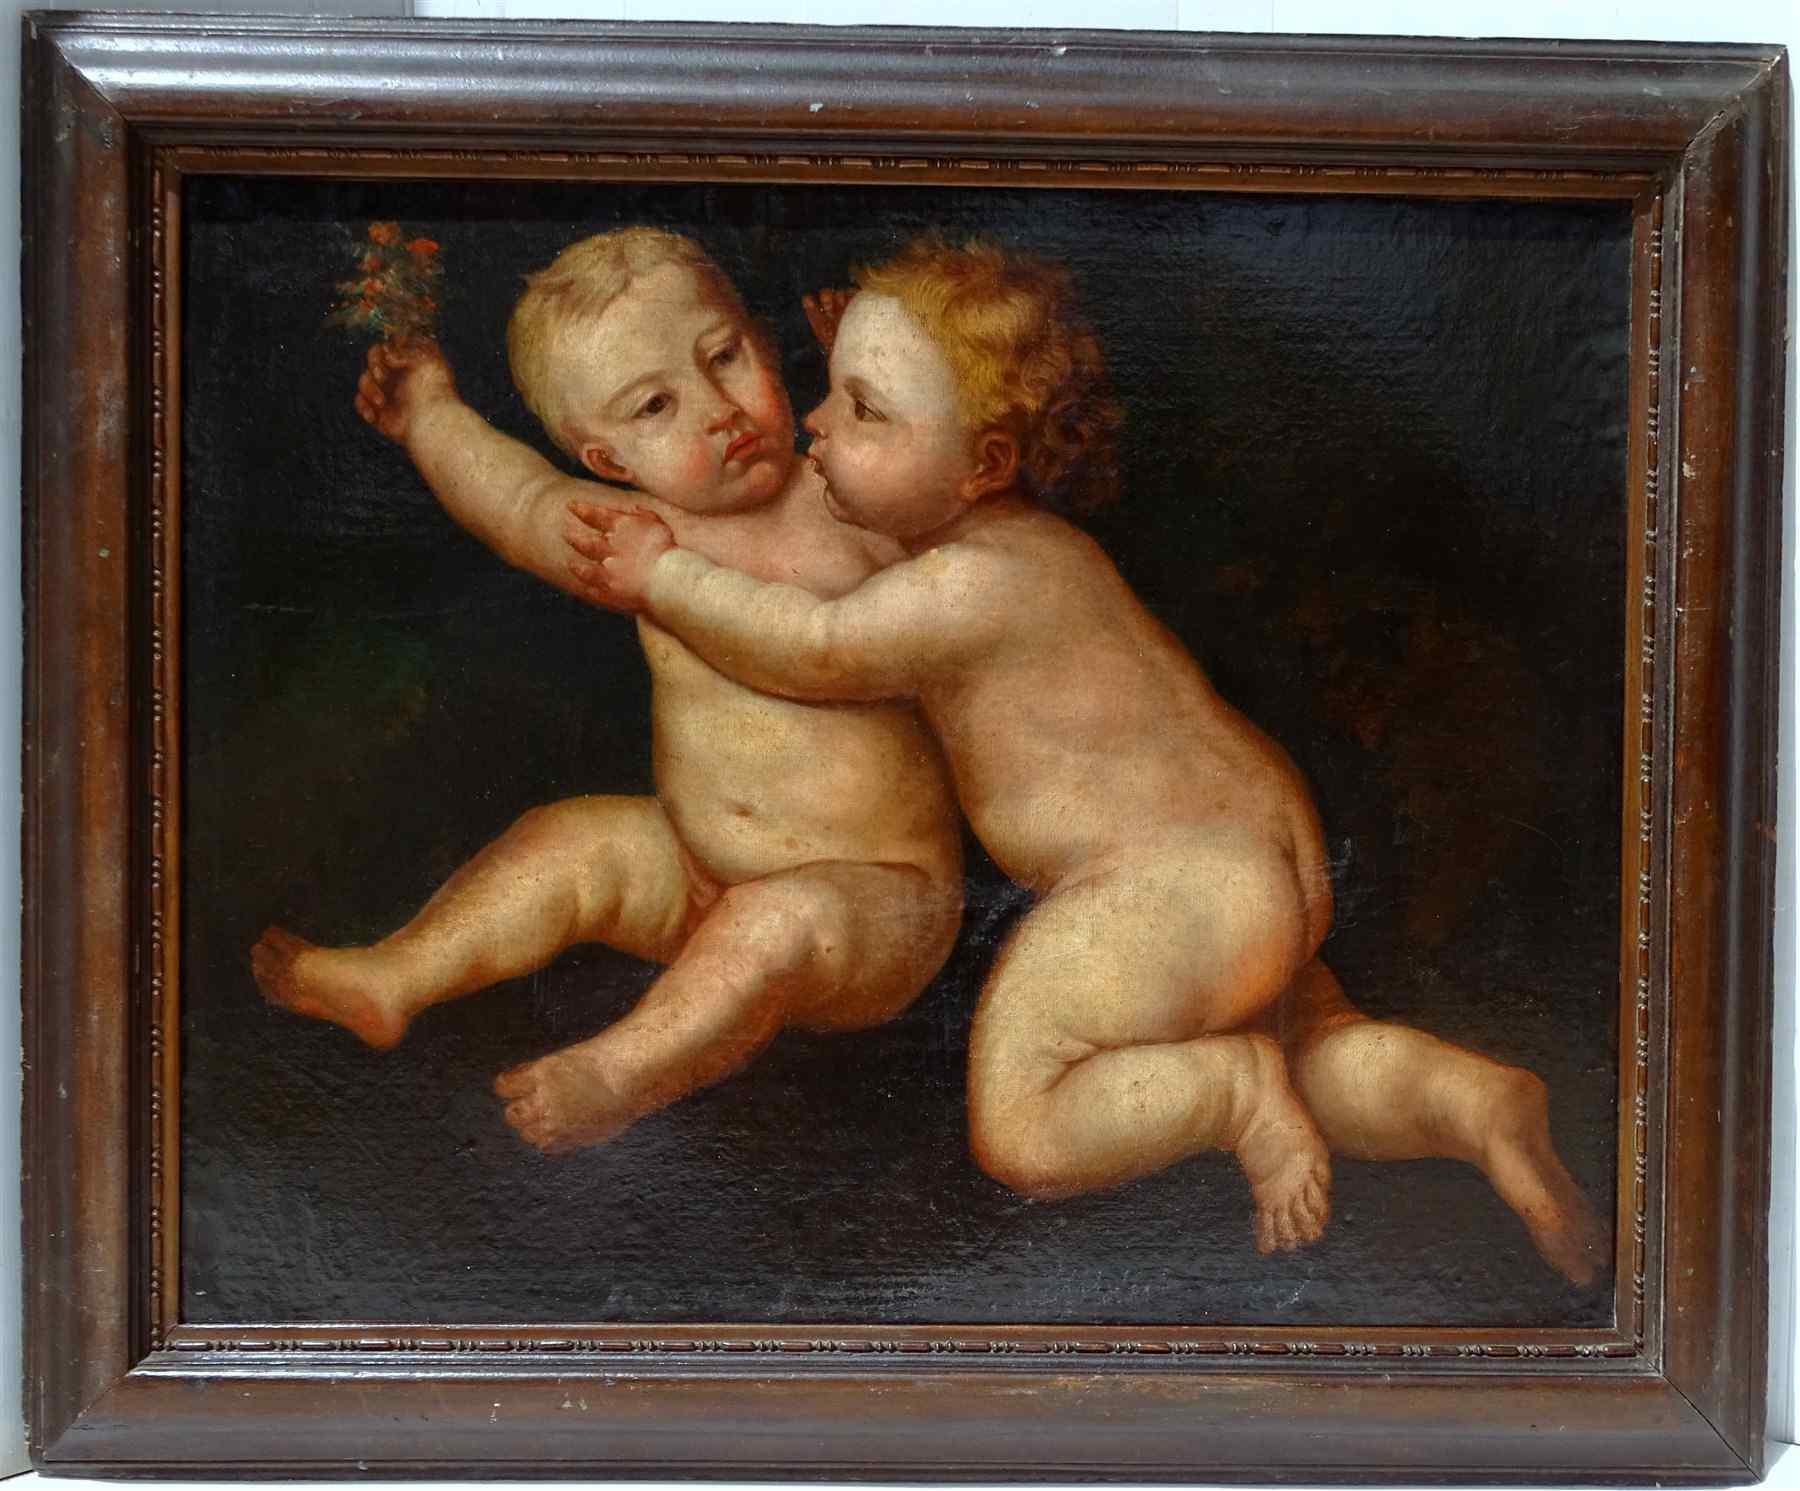 Jean-Battista e Gesù Scuola bolognese 17 °